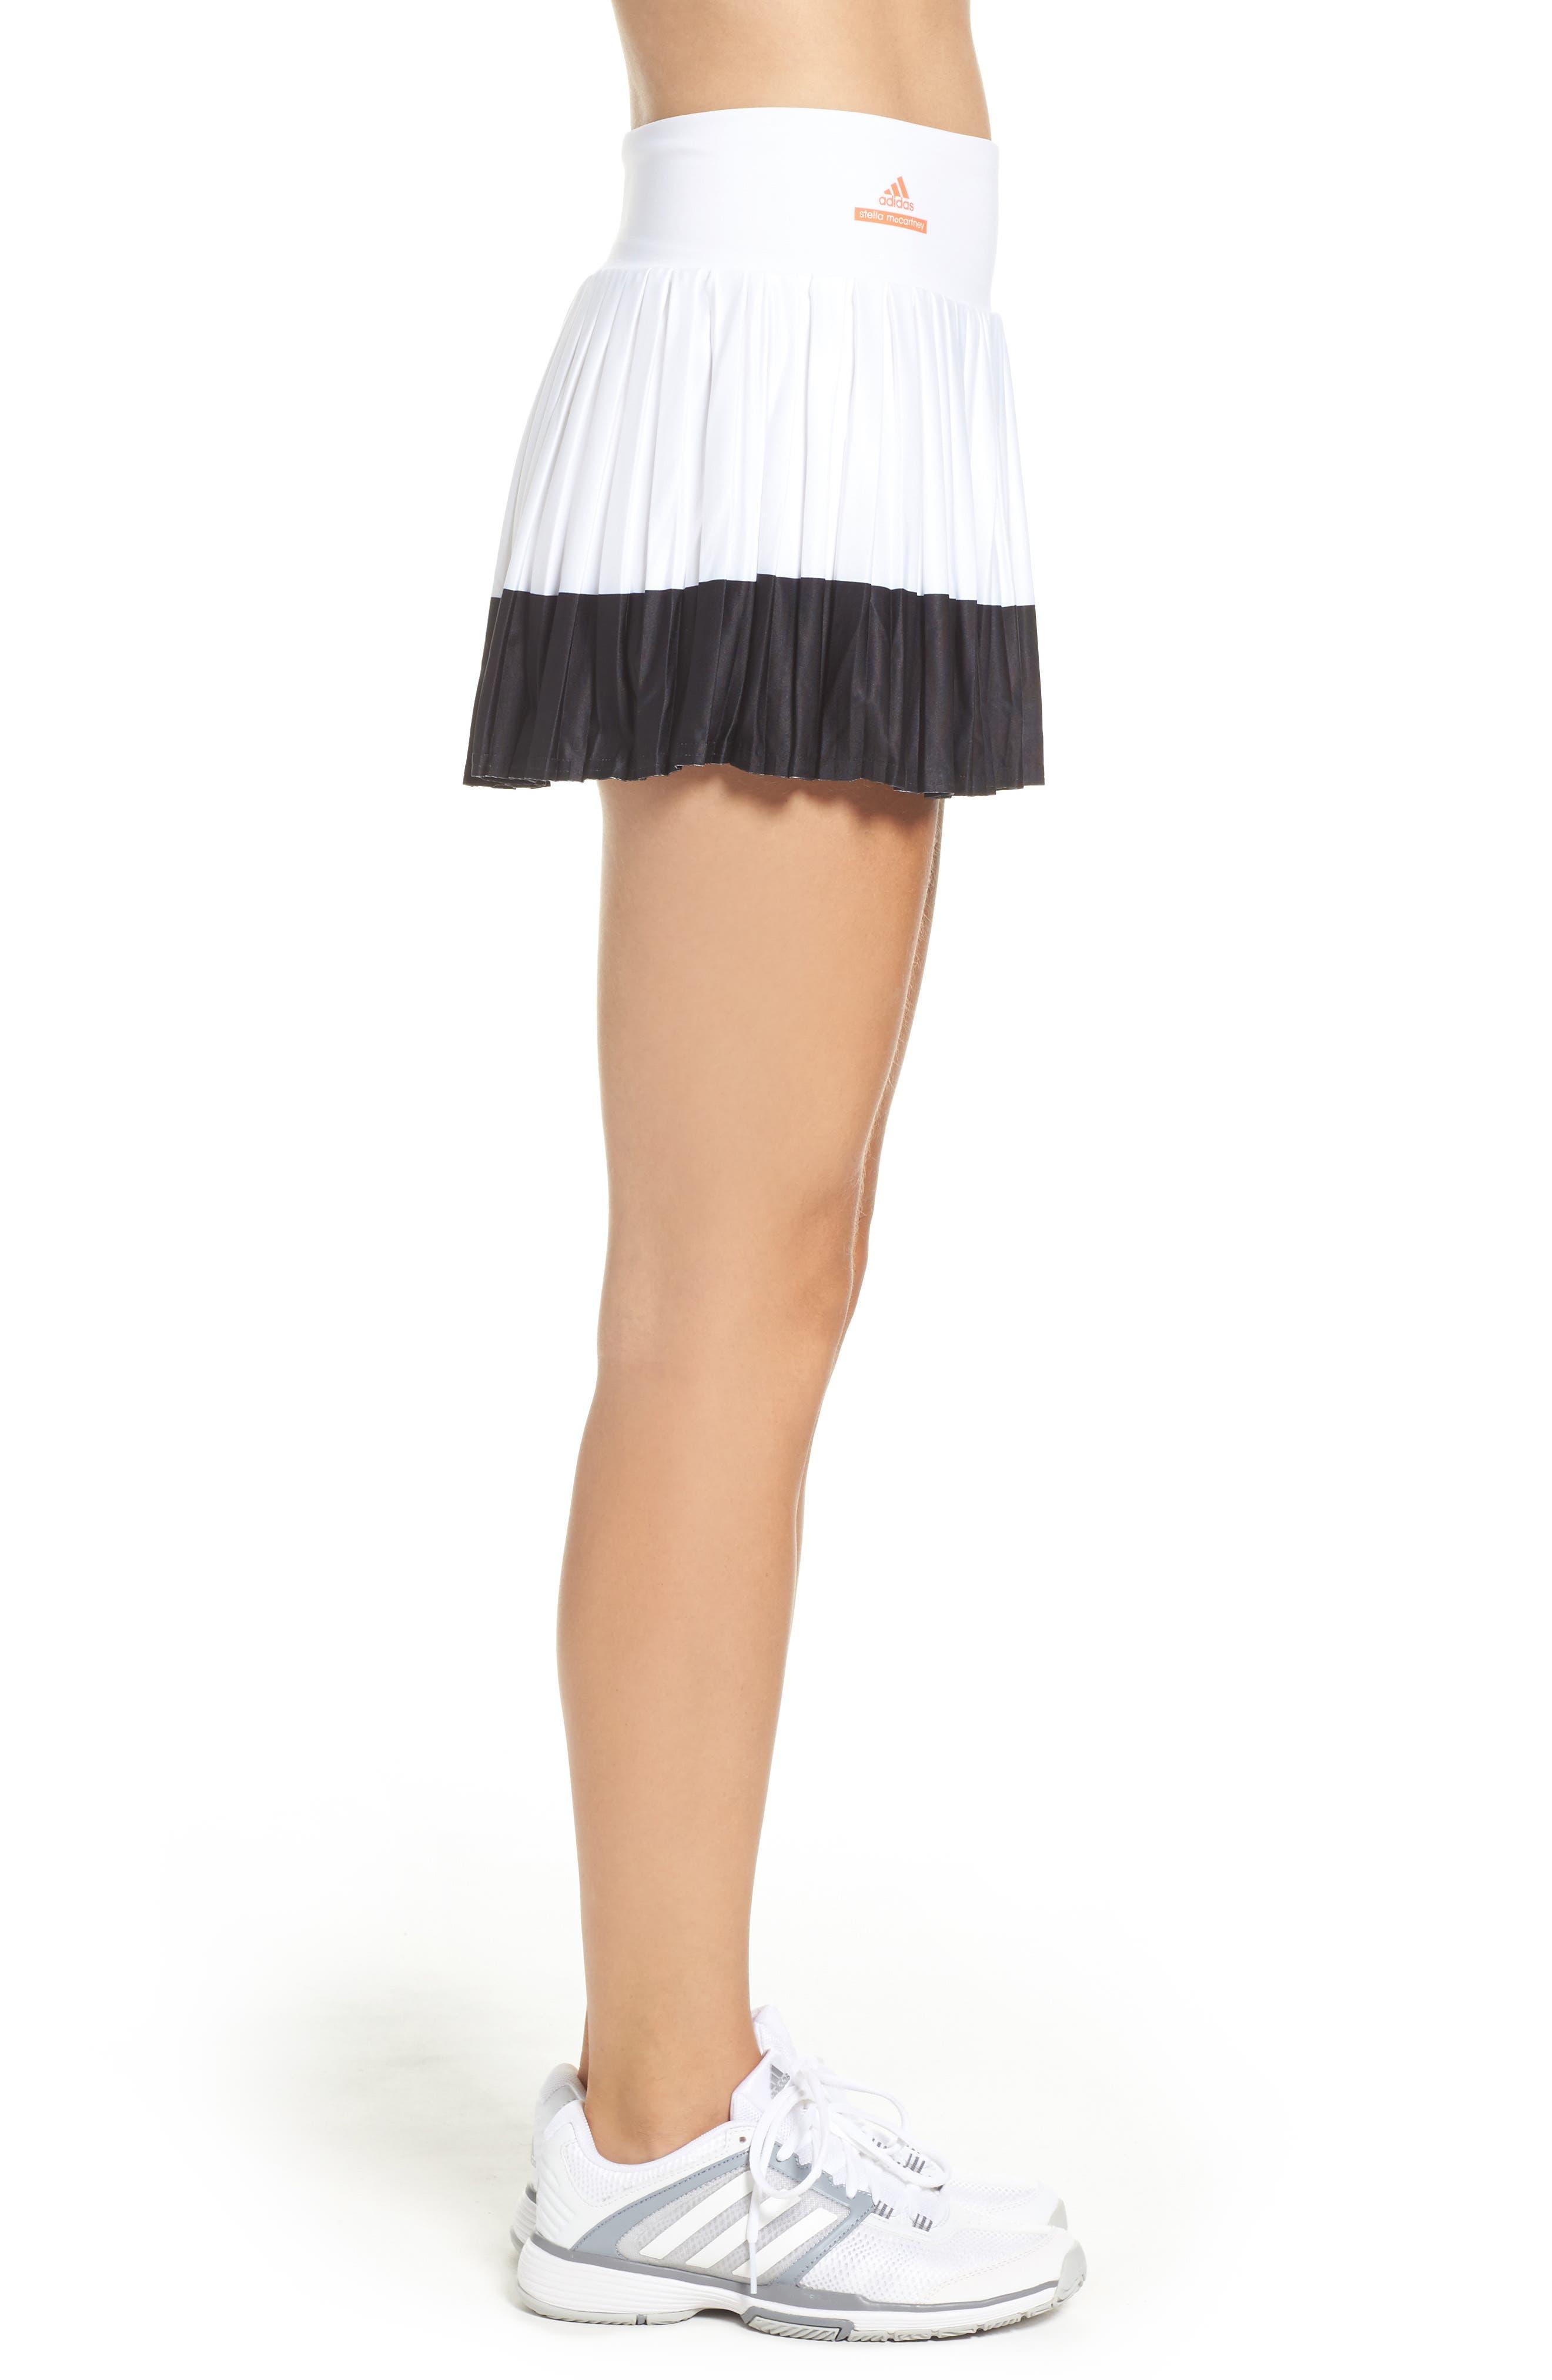 Barricade Skirt,                             Alternate thumbnail 3, color,                             White/ Black